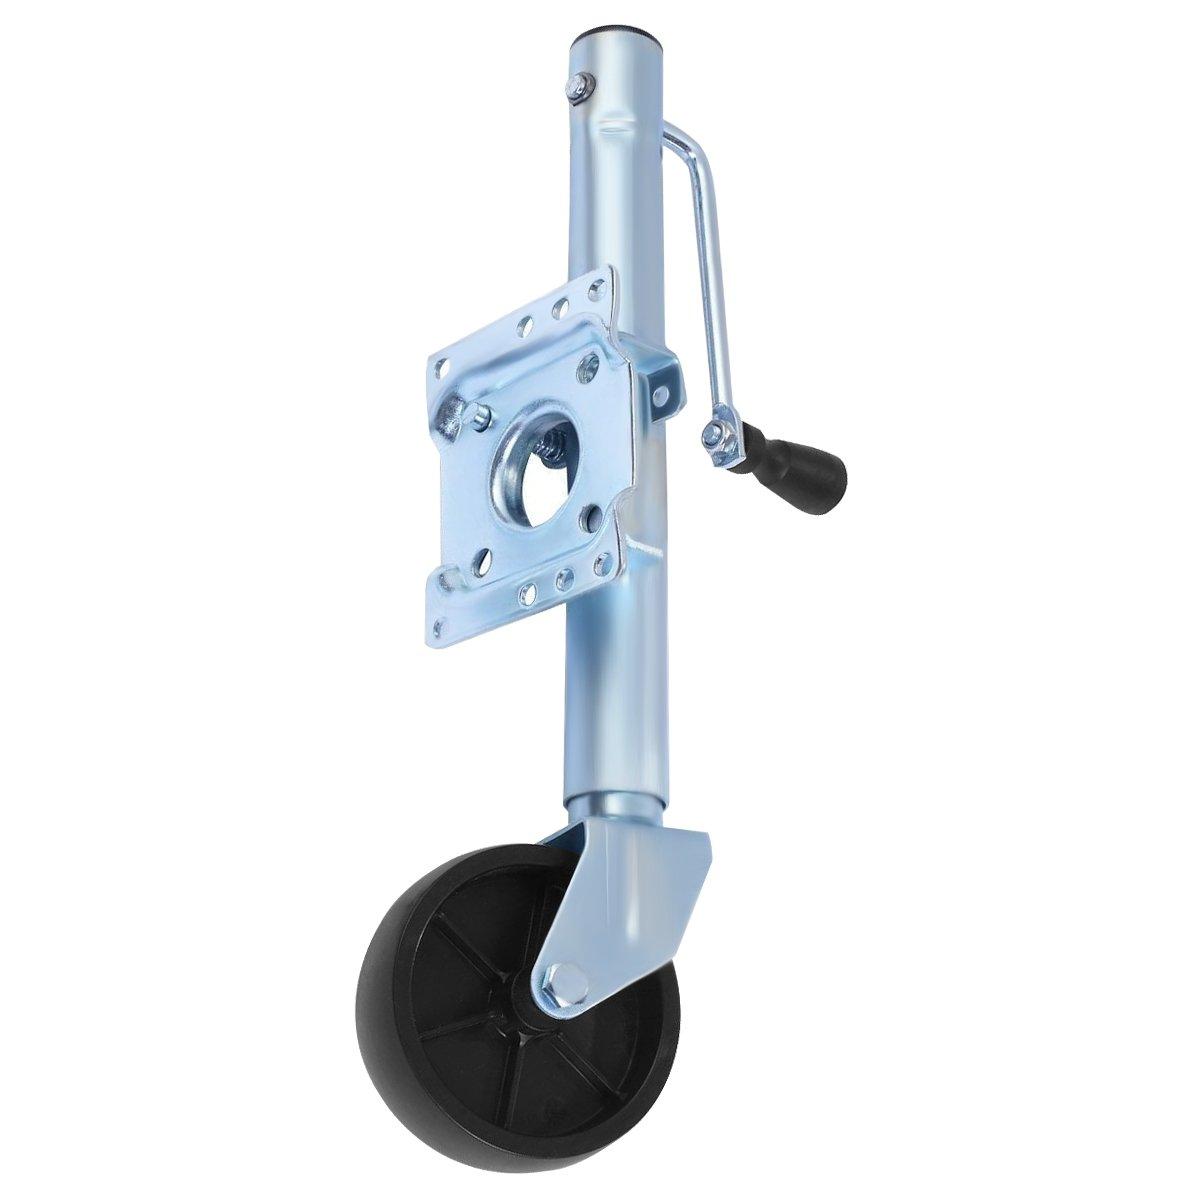 Goplus Trailer Side Swivel Jack Boat RV Swing Away Camper Wheel Bolt On 1000 lbs